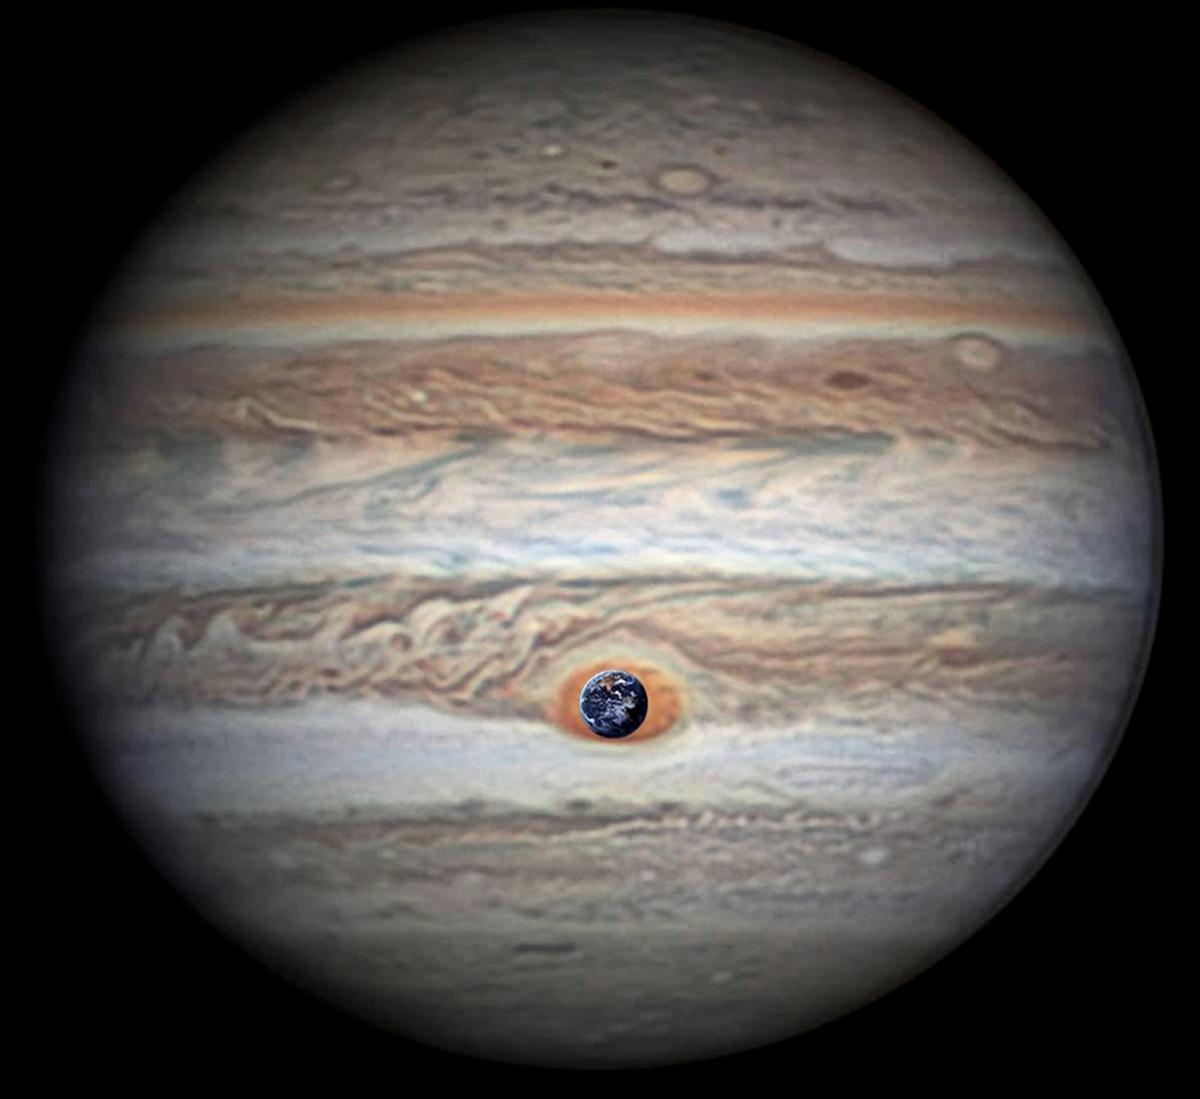 木星大紅斑與地球的大小對比示意圖。(NASA/JPL-Caltech/SwRI/MSSS/Christopher Go)